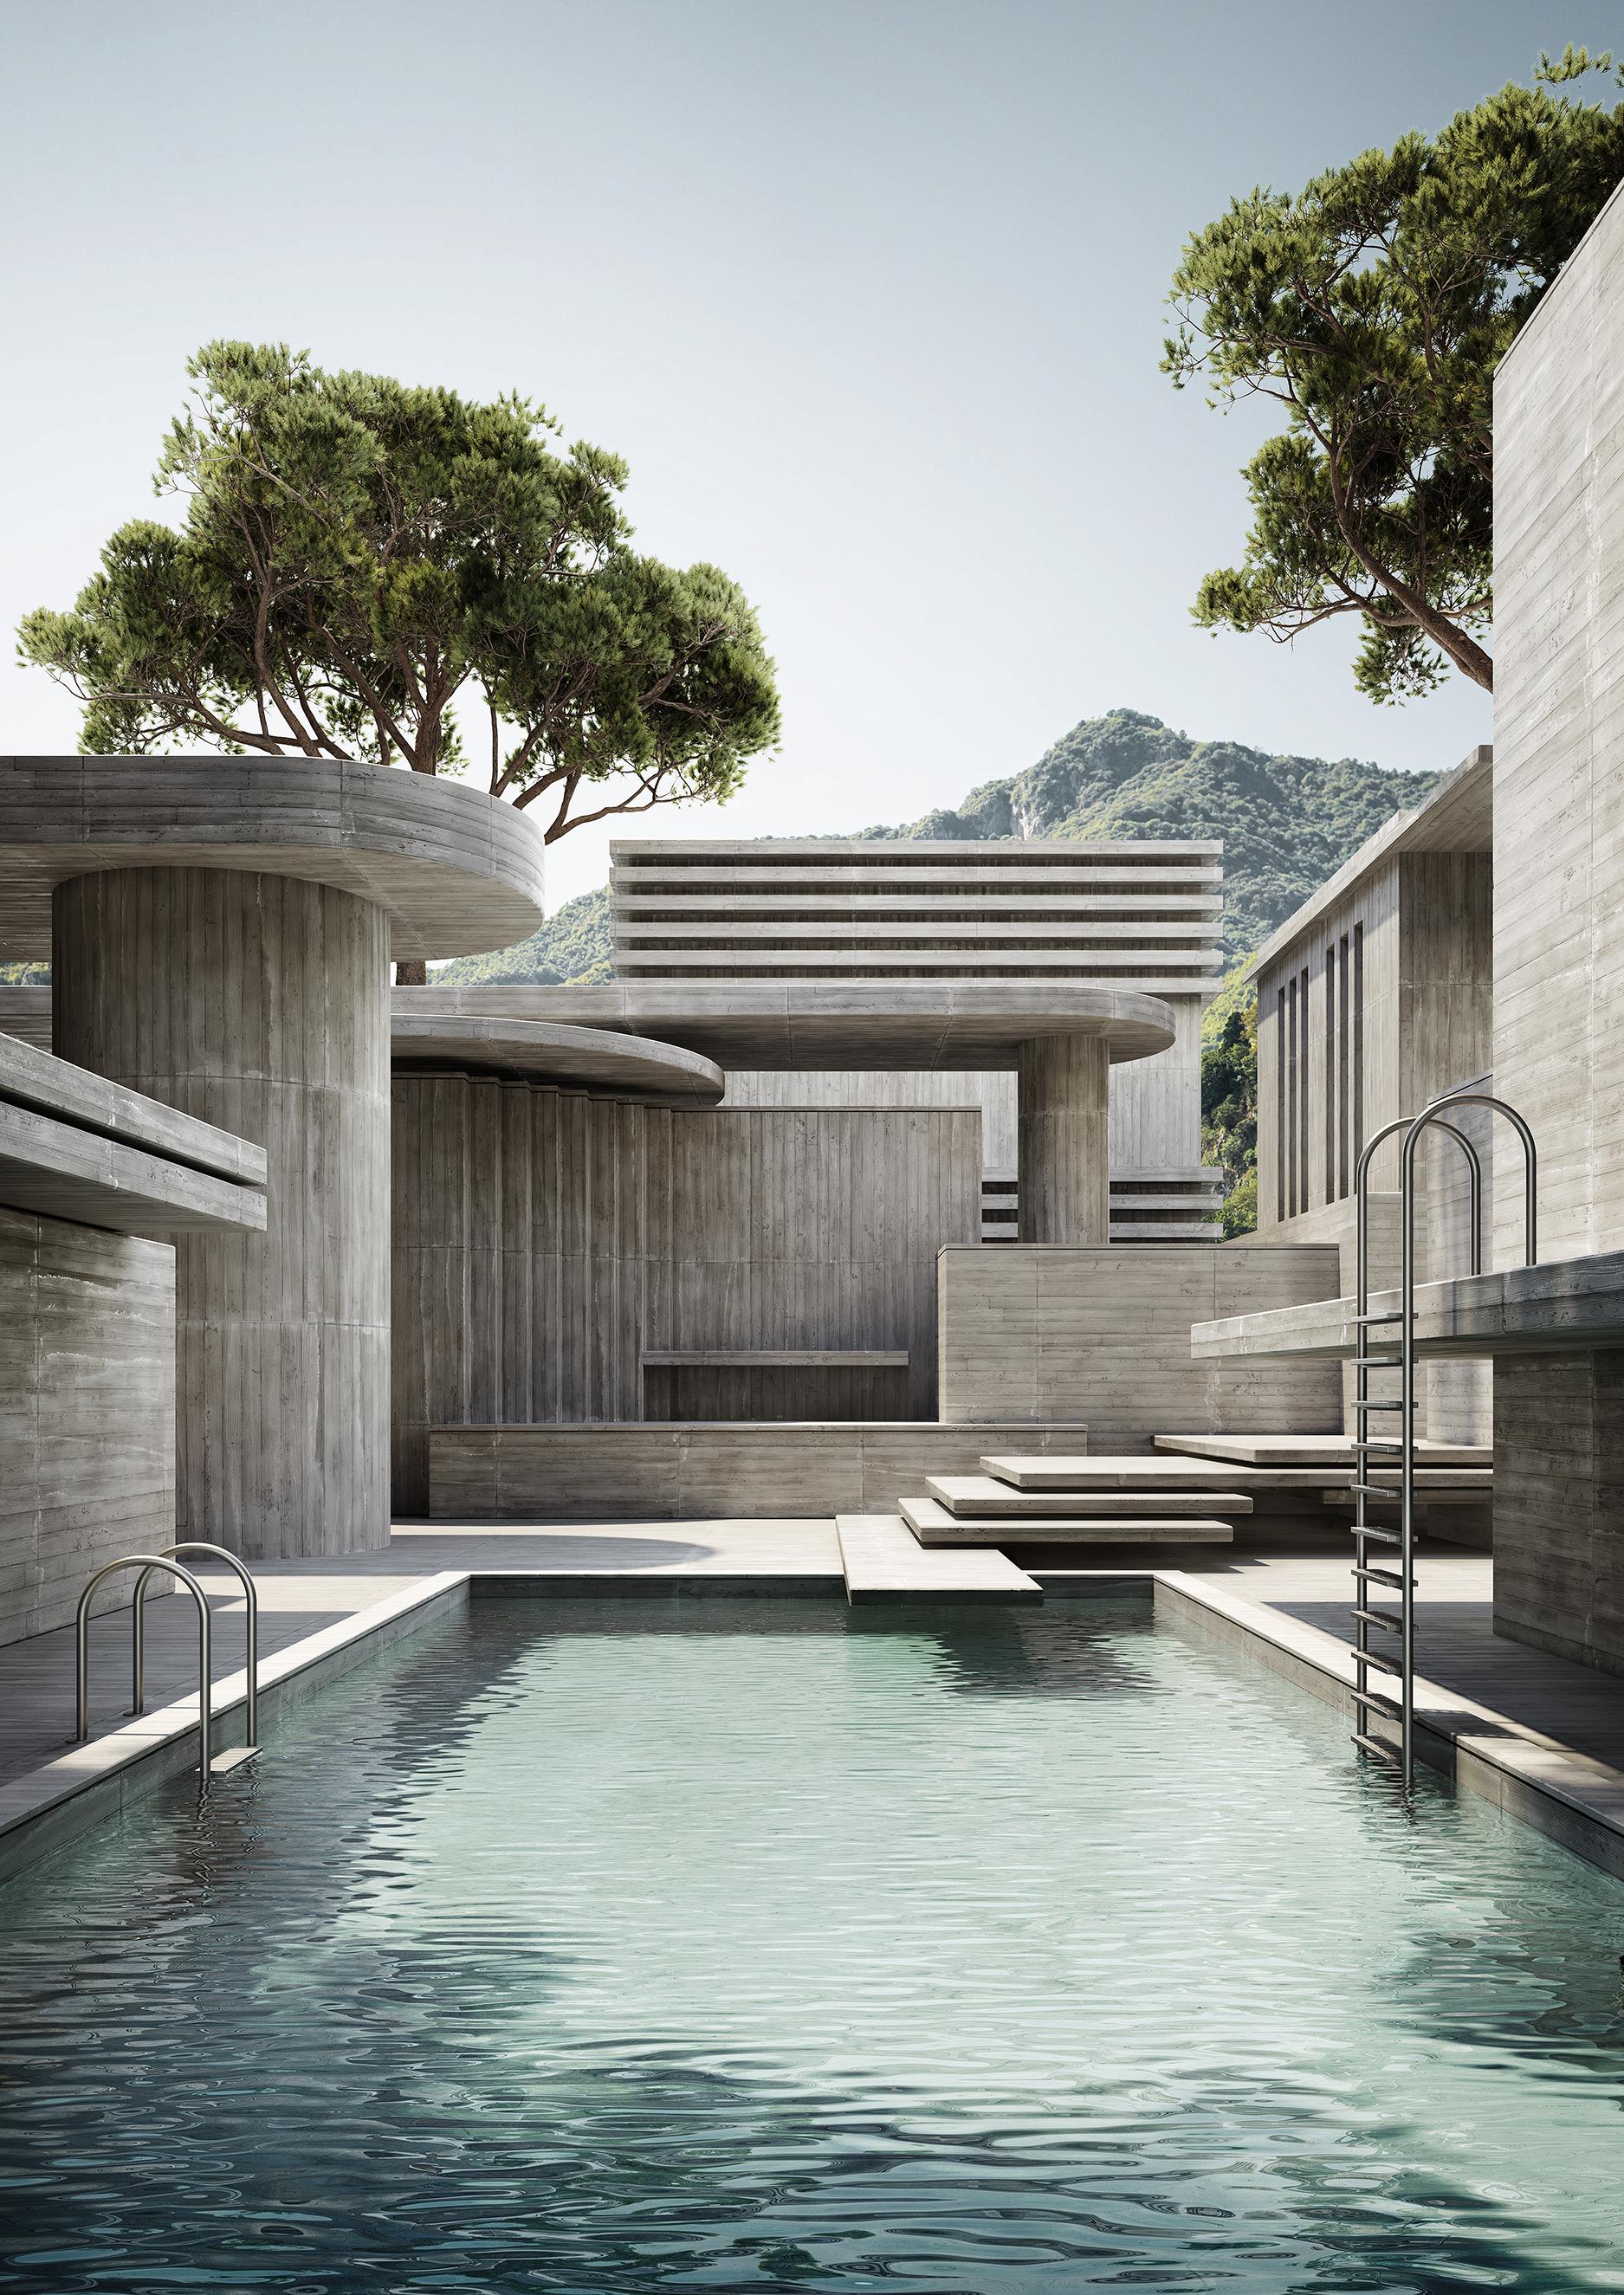 Concrete Pool_3_ORIGINAL_900points_wide